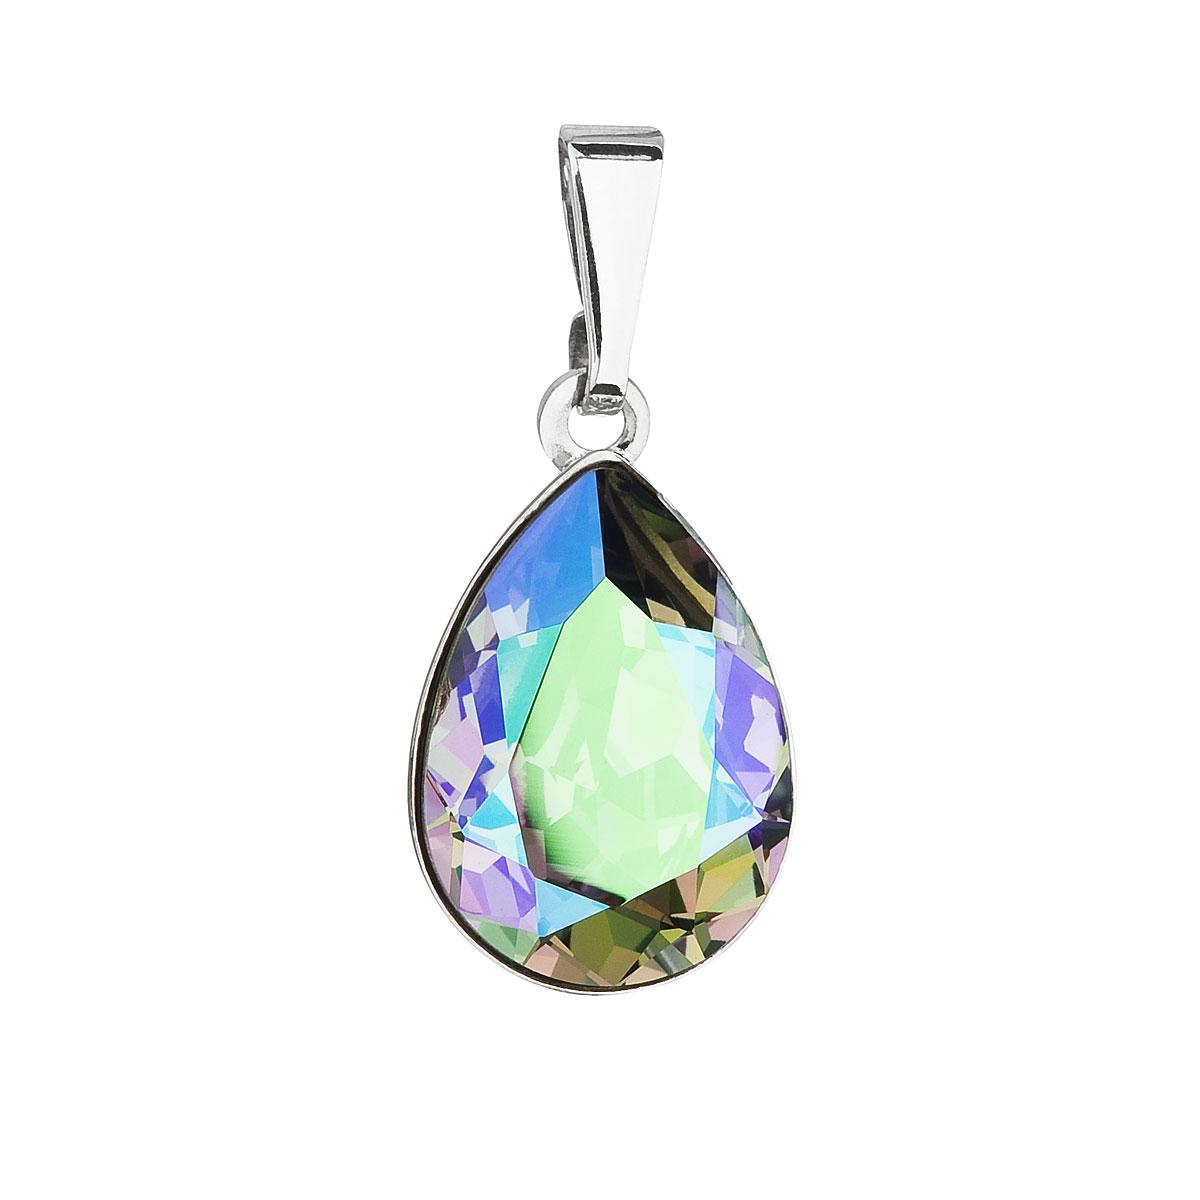 Přívěsek bižuterie se Swarovski krystaly zelená fialová slza 54016.5